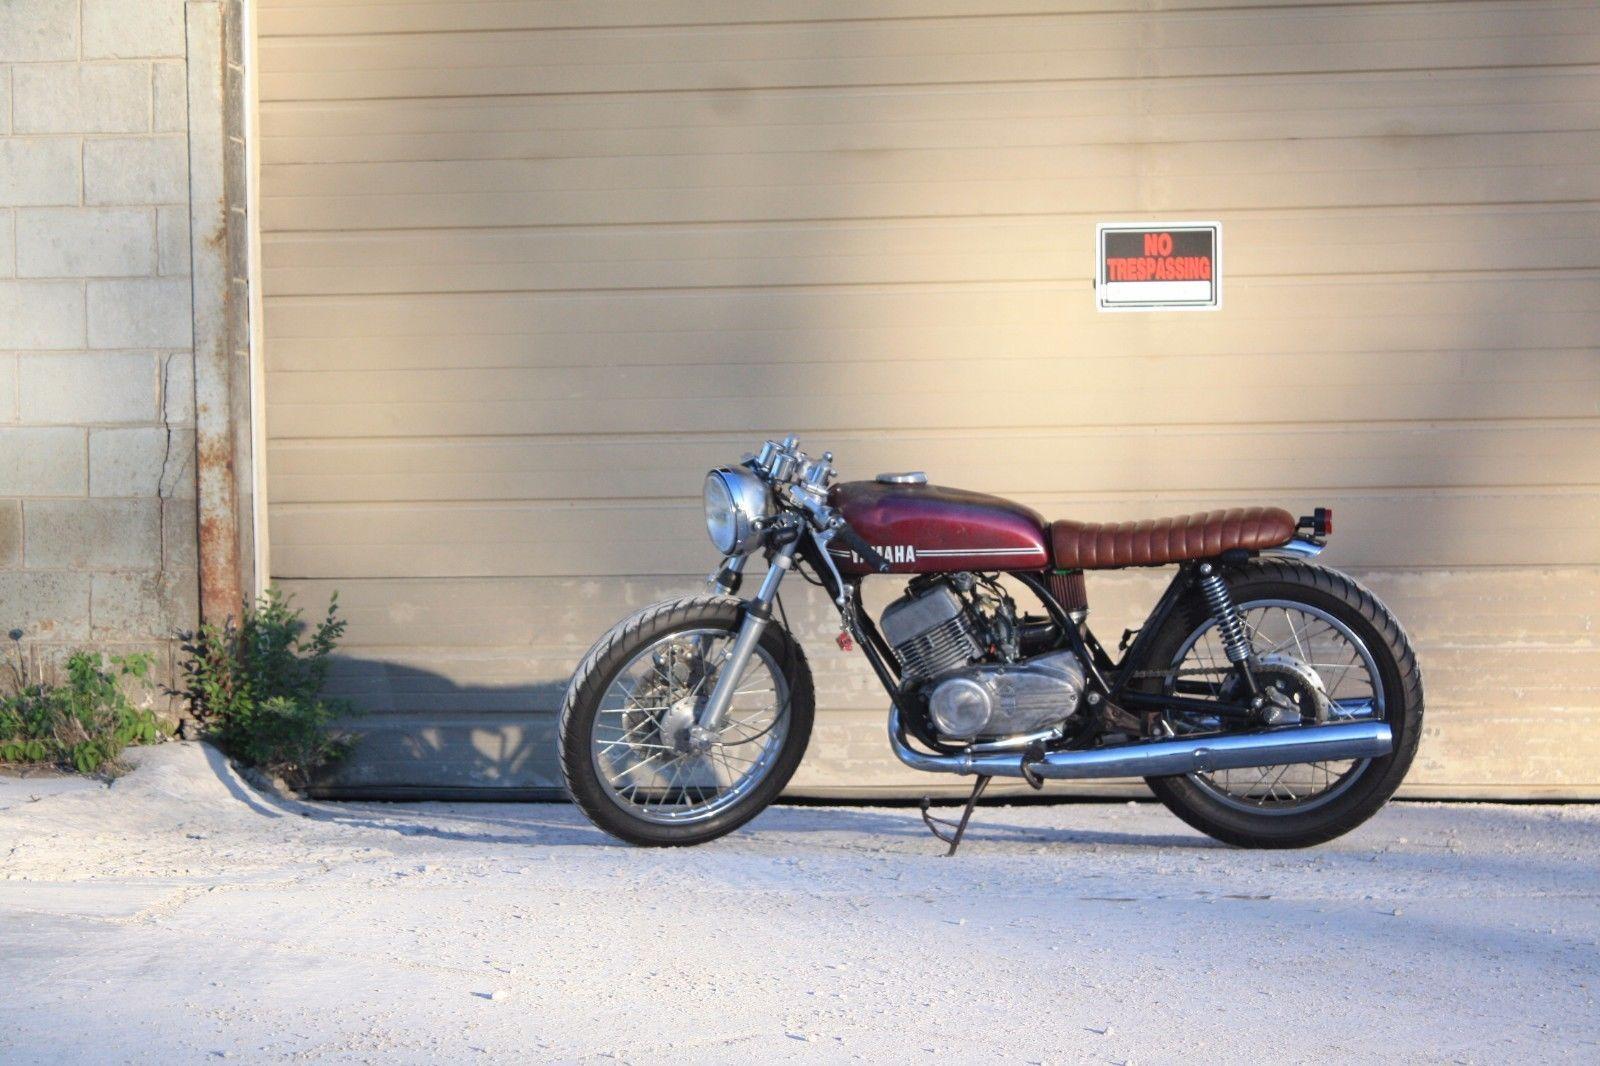 1973 Yamaha RD350 | Finished Project -1973 Yamaha RD350